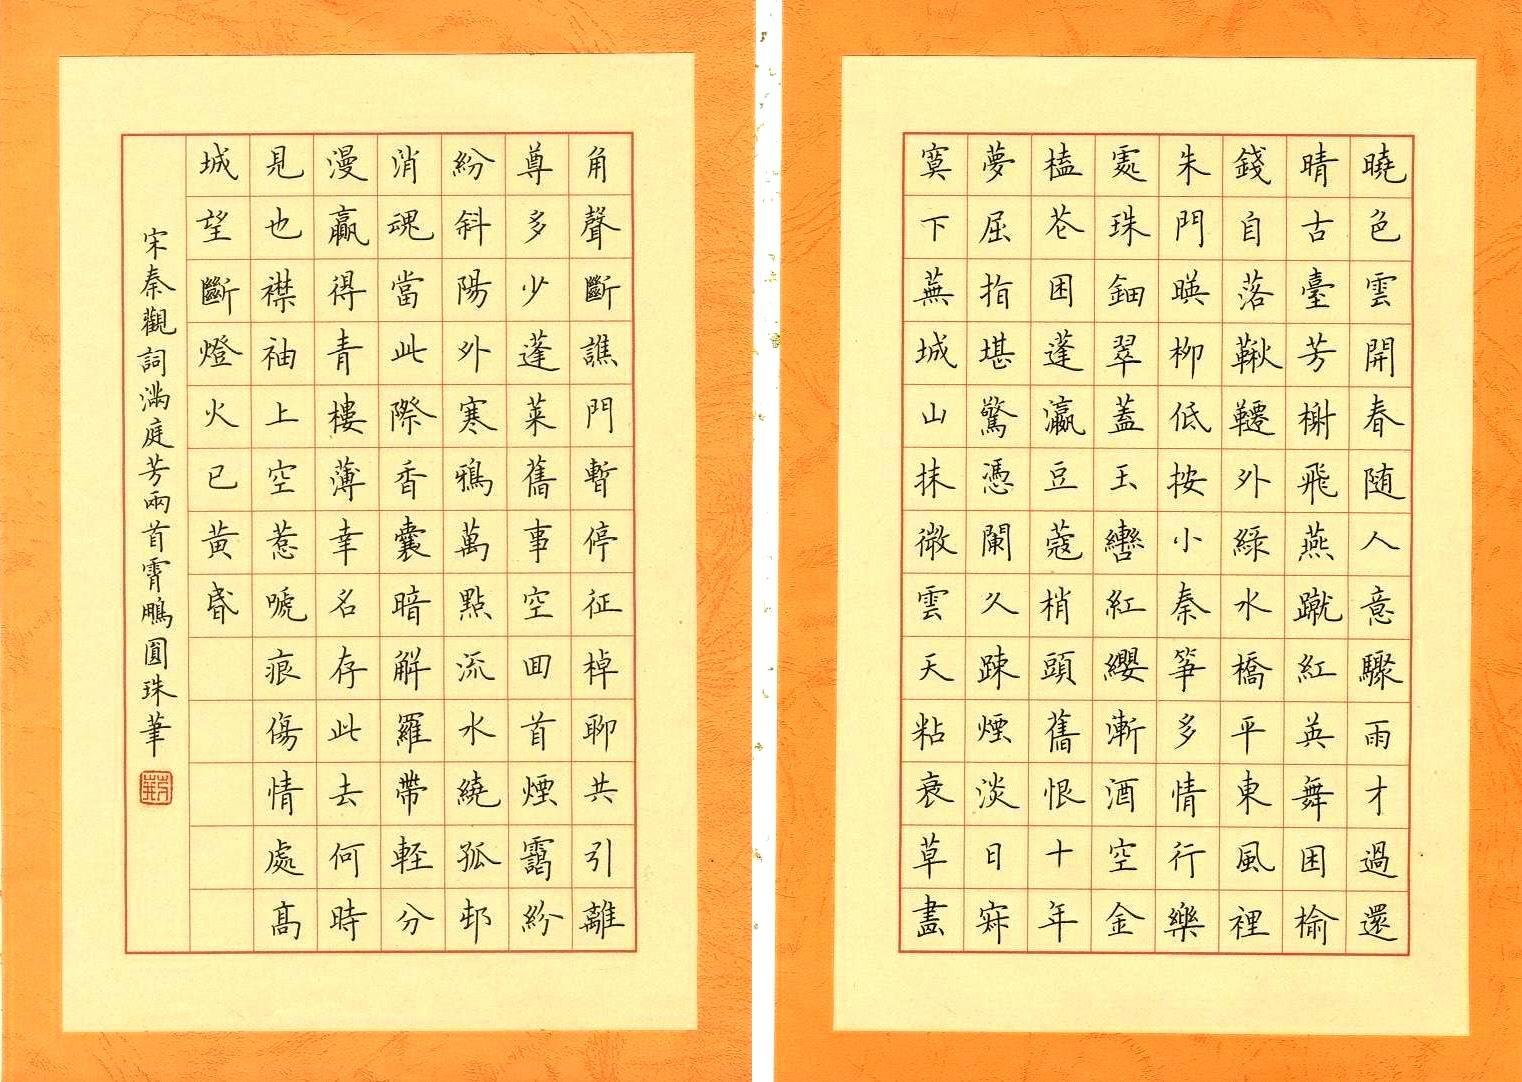 《赵孟頫行书墨迹集字古诗》 11-20 著名作家张贤亮书法作品欣赏 11图片